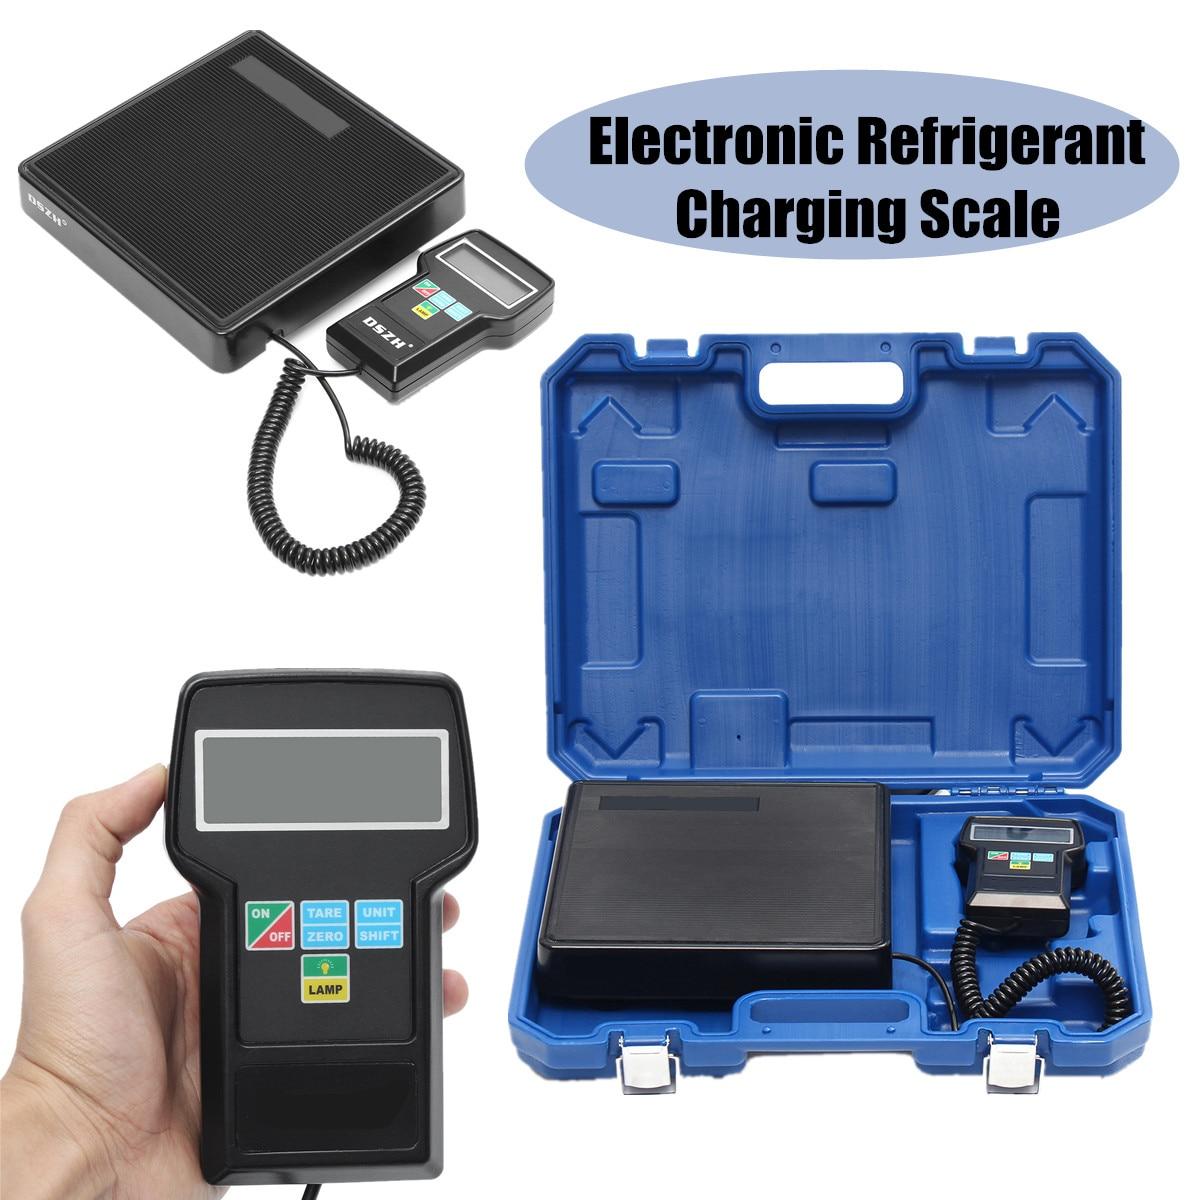 Цифровой электронный хладагент зарядки весы весом HVAC точность автомобиля хладагент с английской инструкции